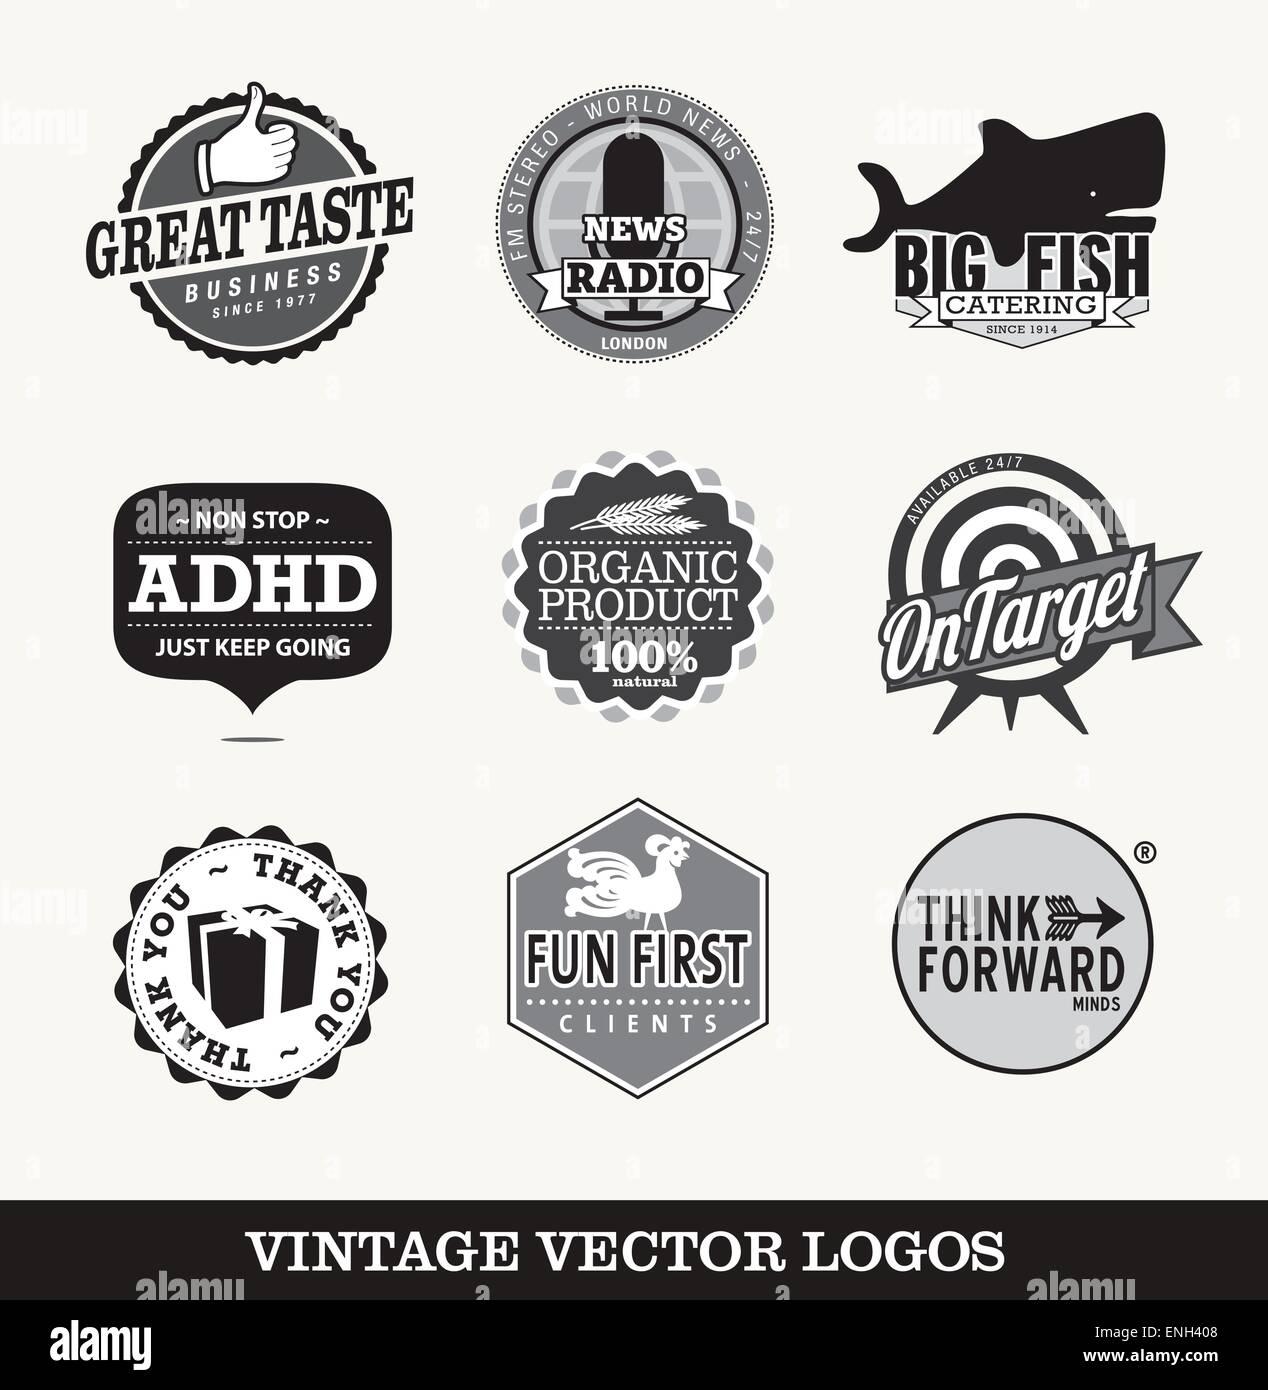 Vintage símbolos vectoriales logotipos Imagen De Stock